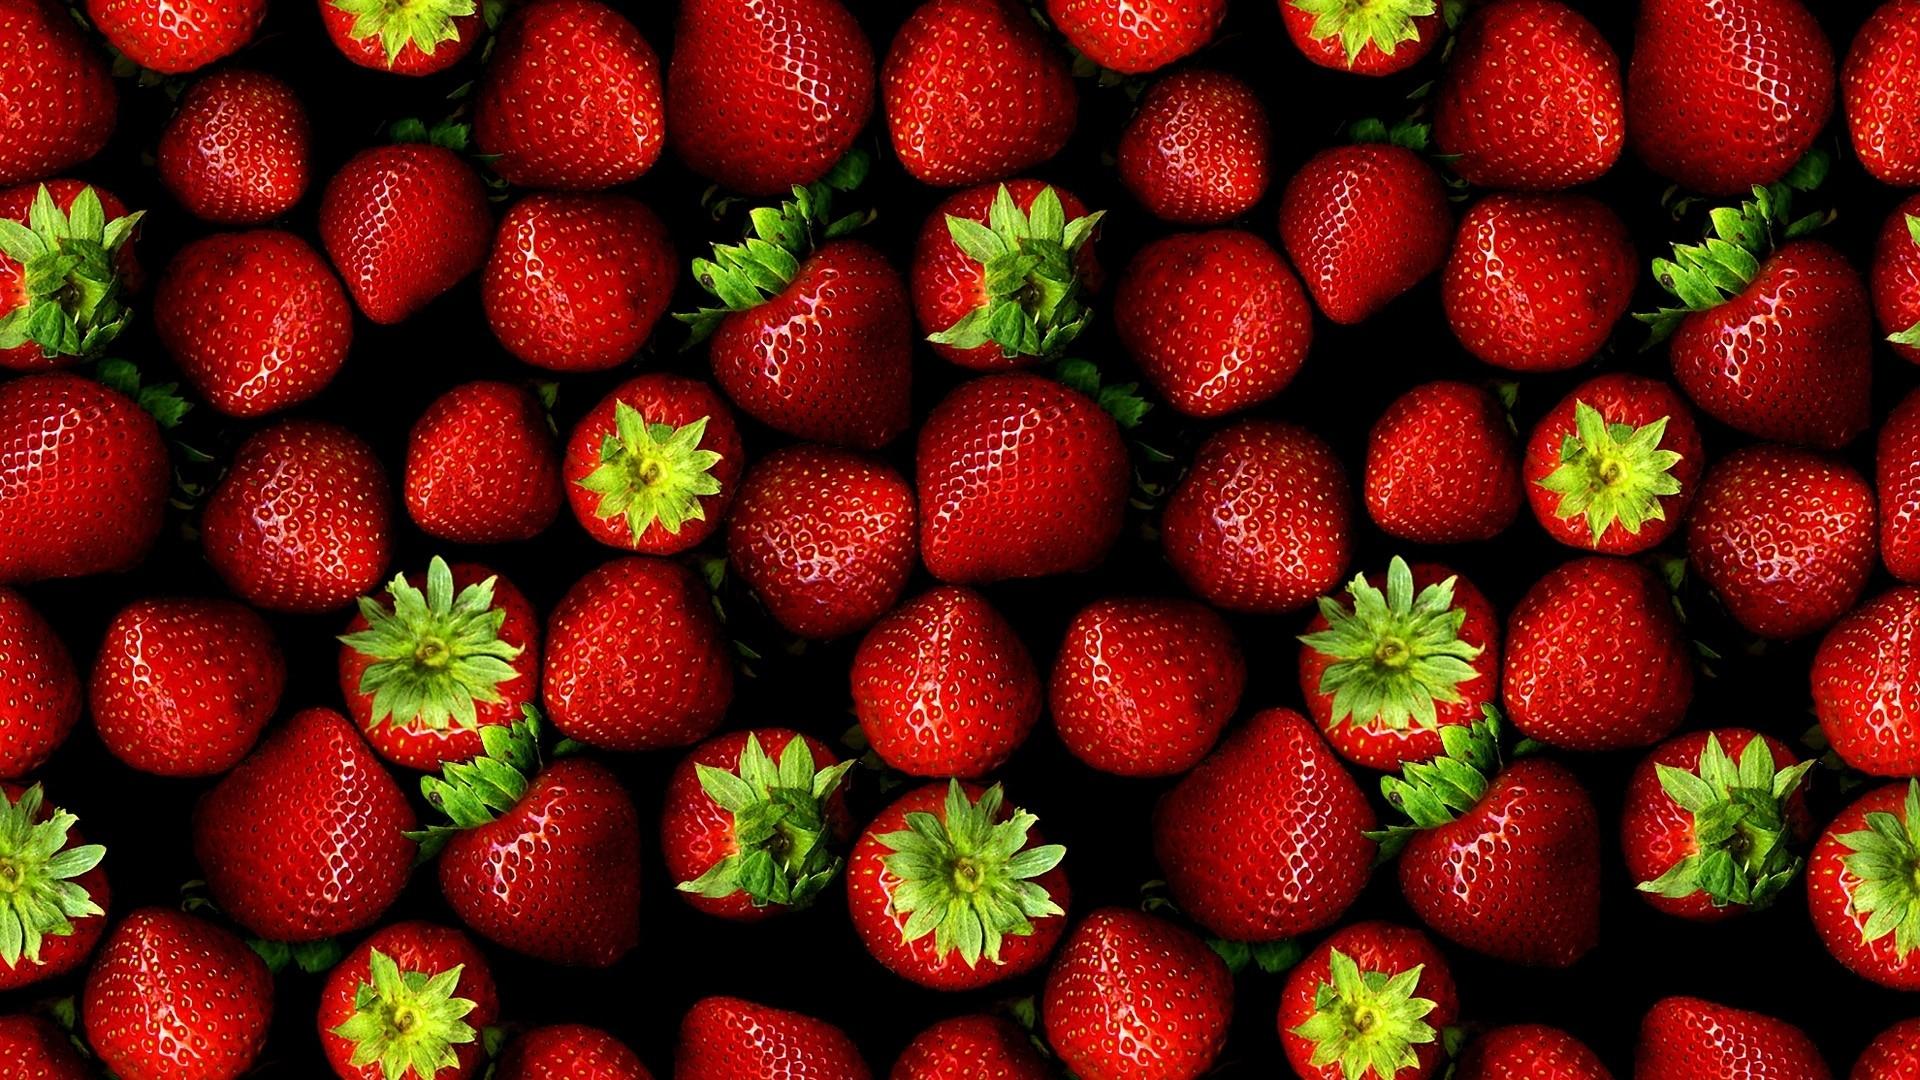 Strawberry Picture